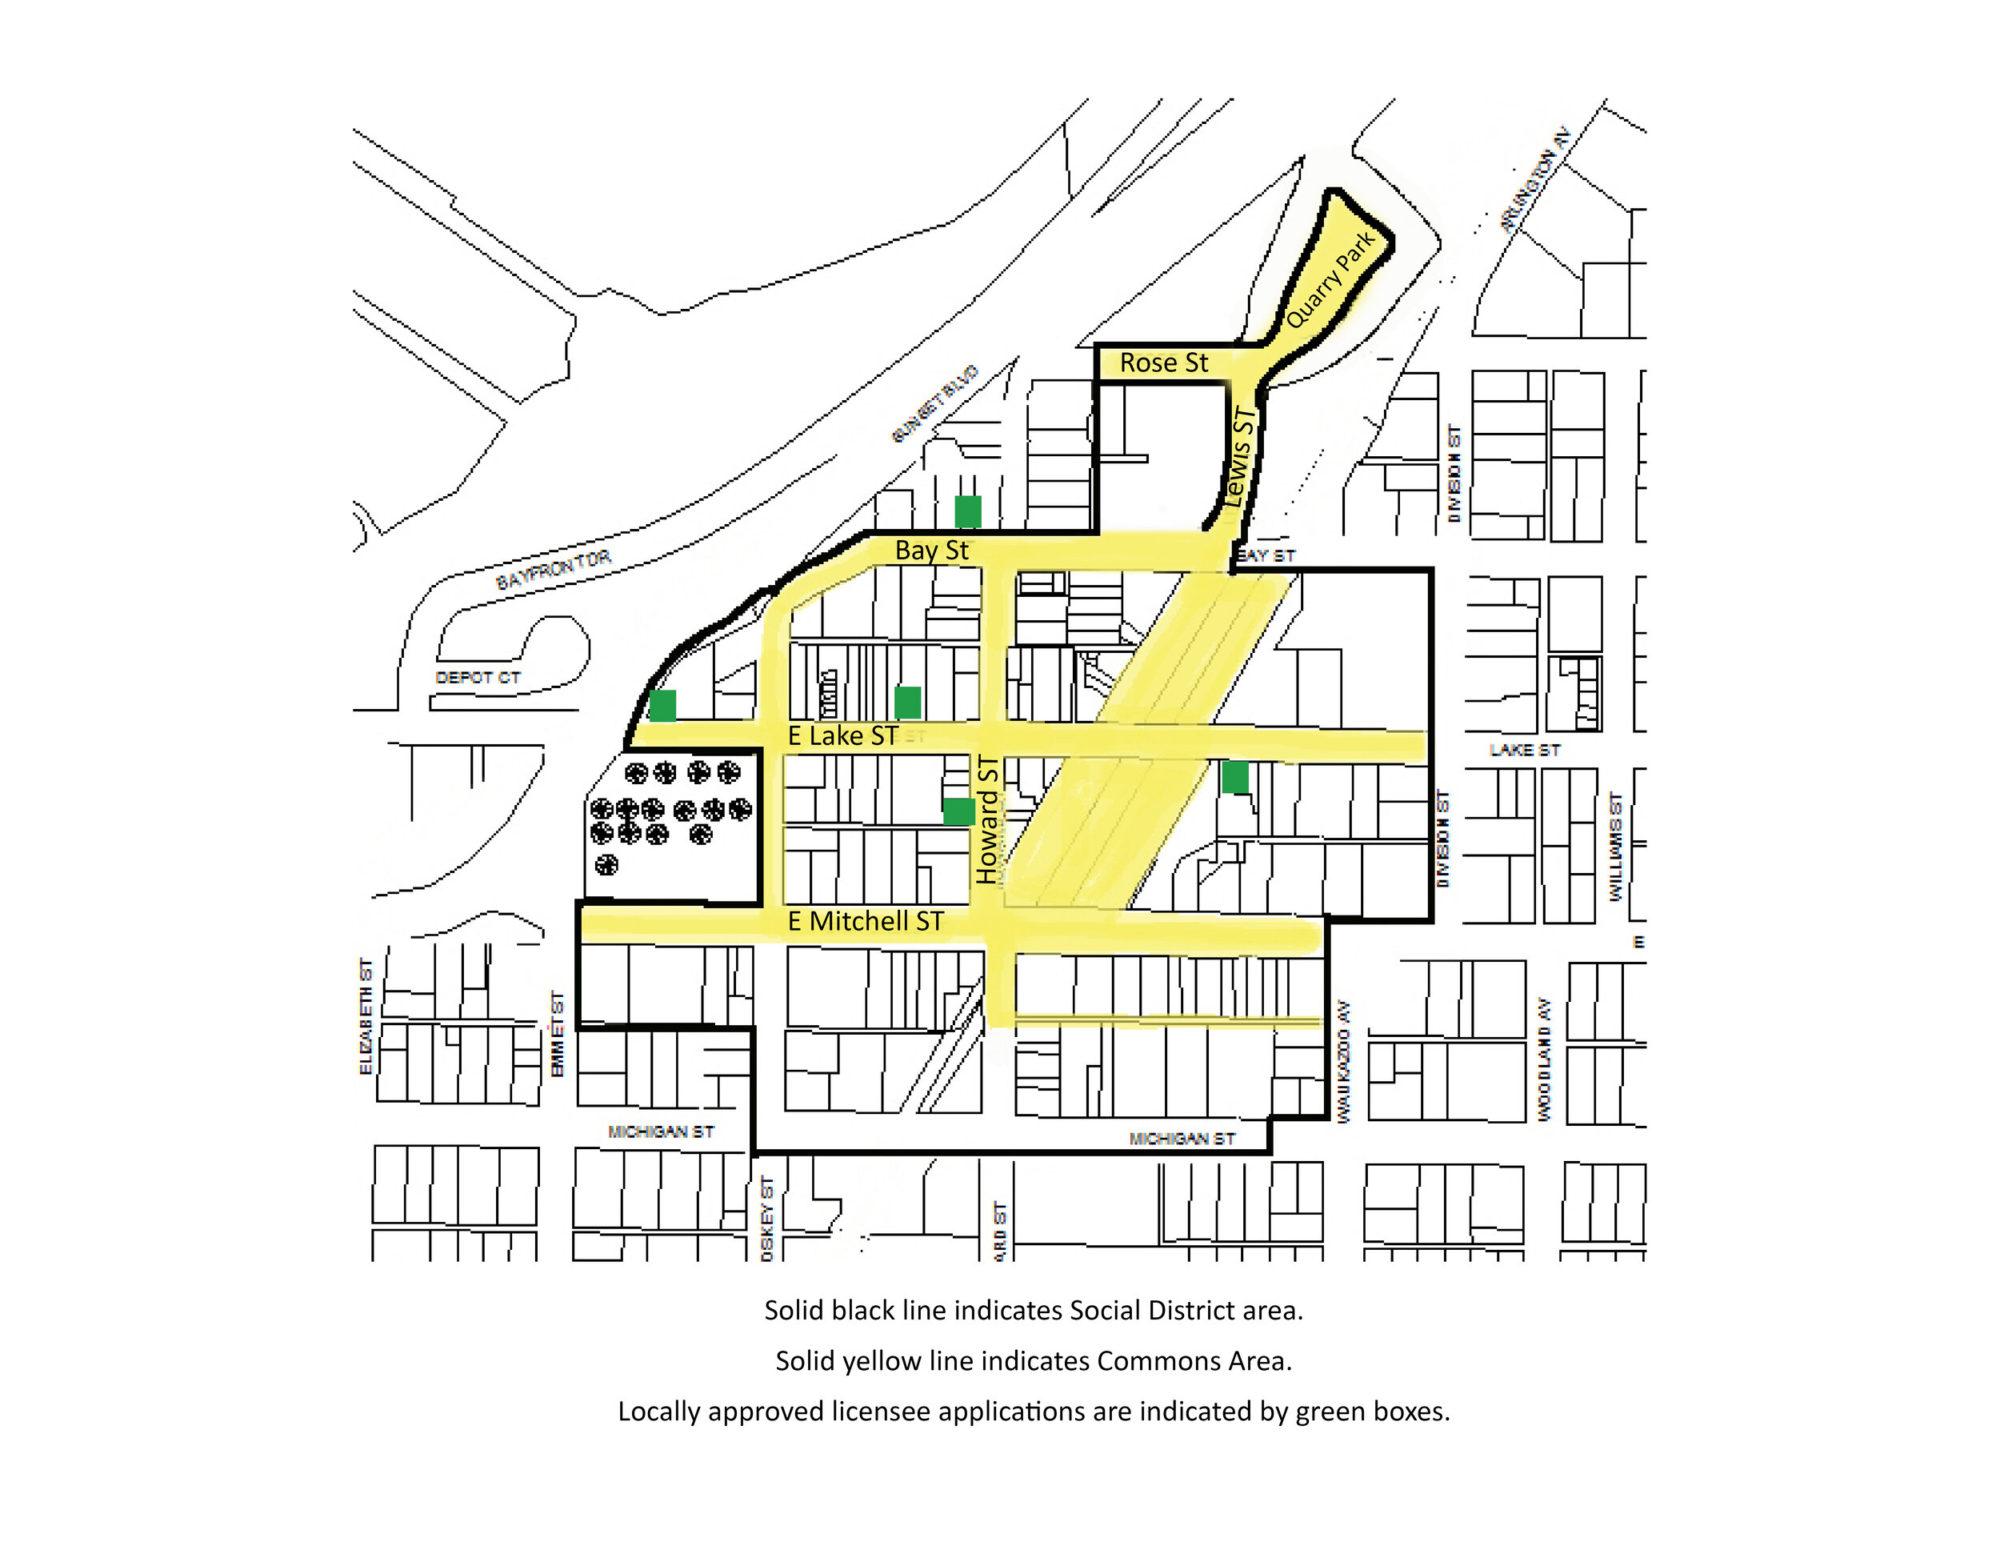 Petoskey Social District Map